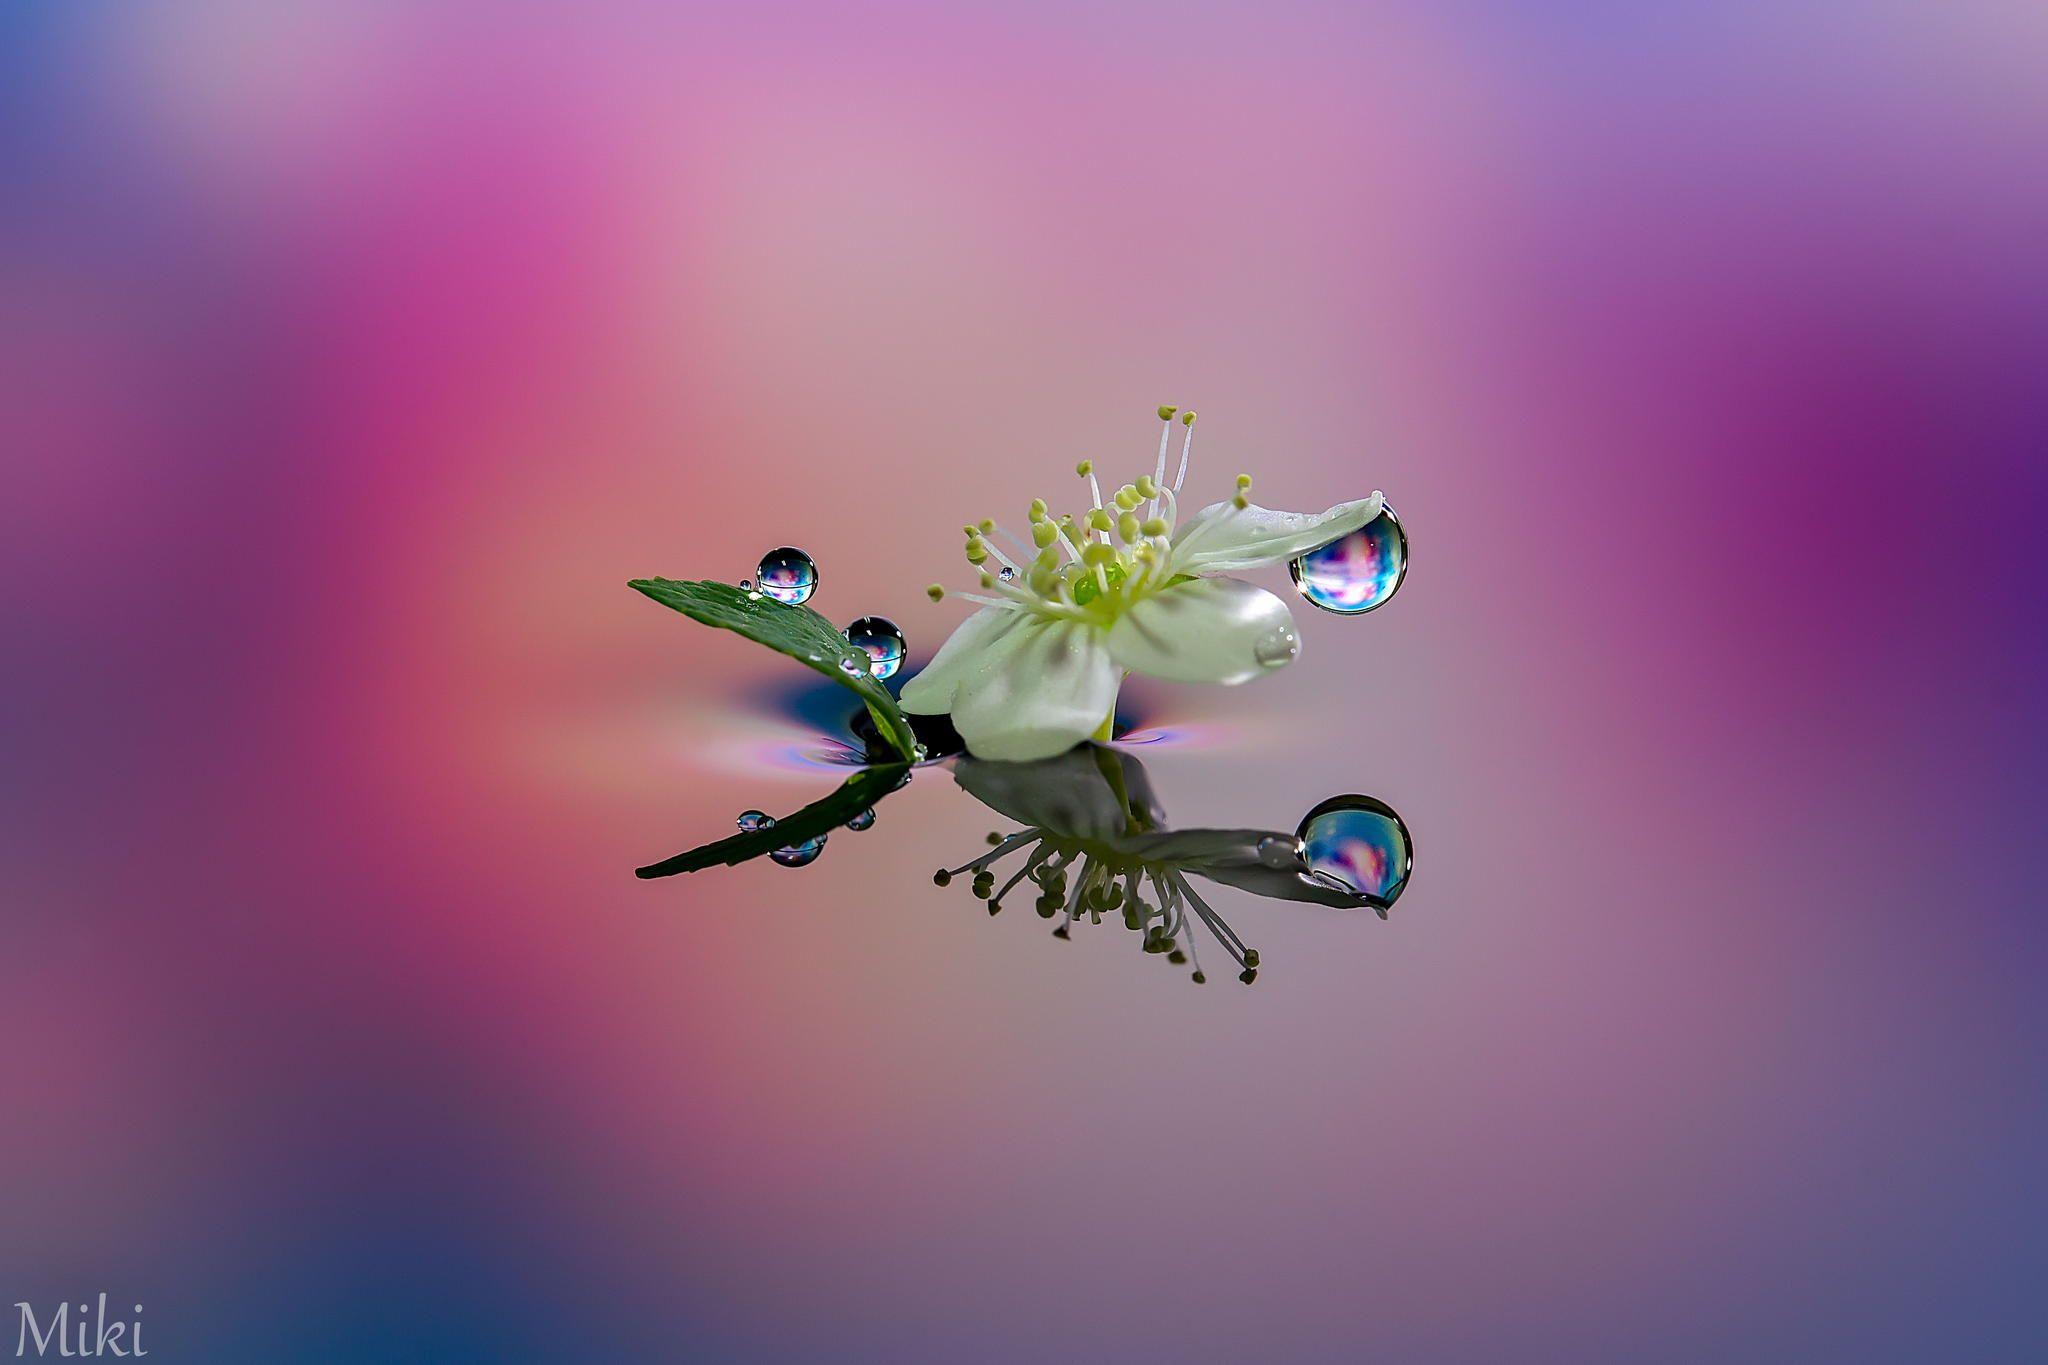 Dress up flower von Miki Asai auf 500px